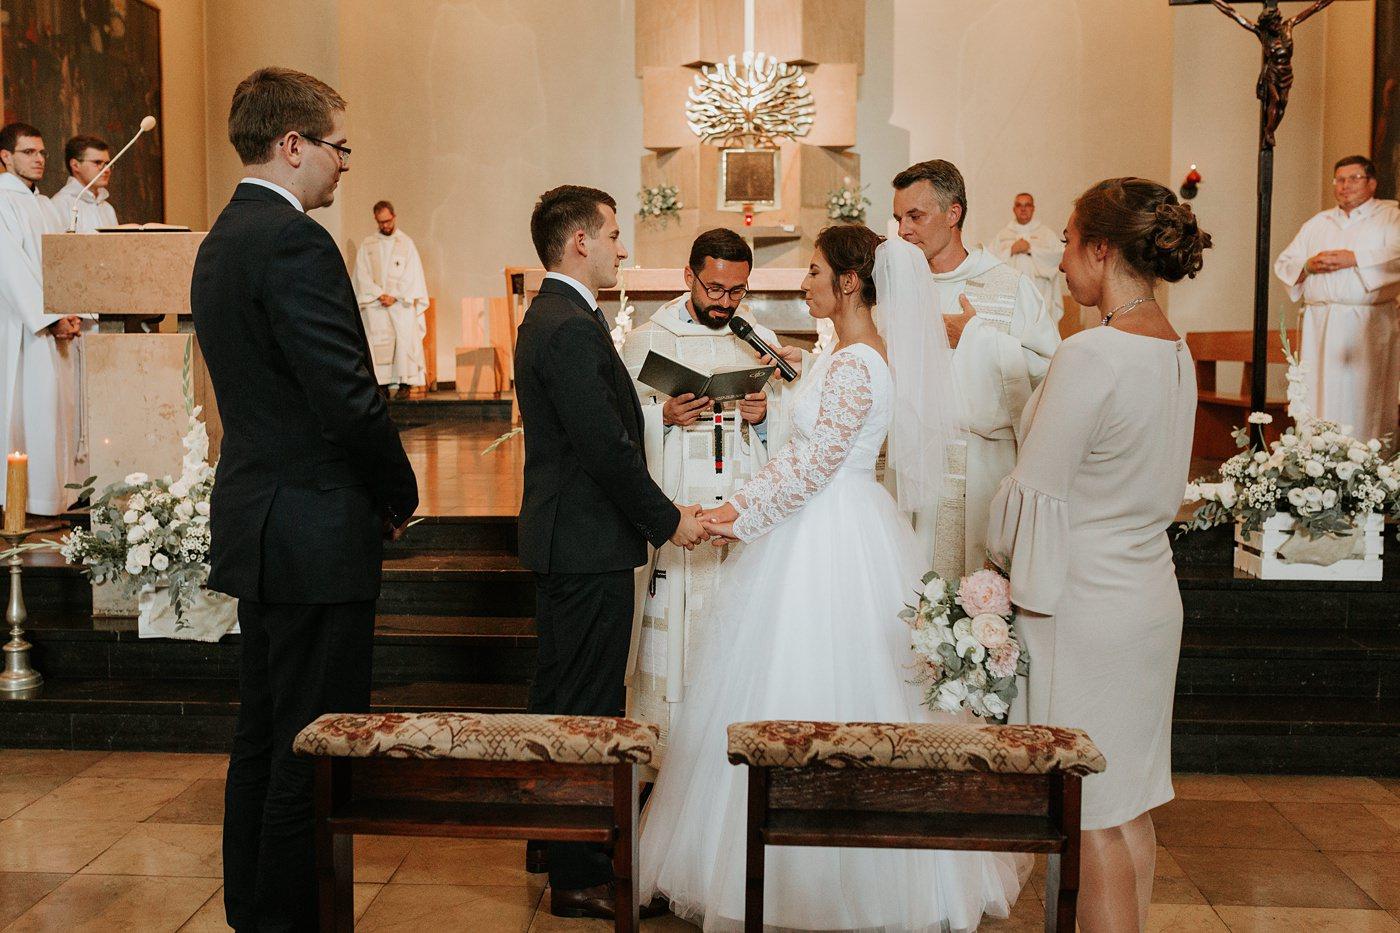 Dominika & Aleksander - Rustykalne wesele w stodole - Baborówko 53